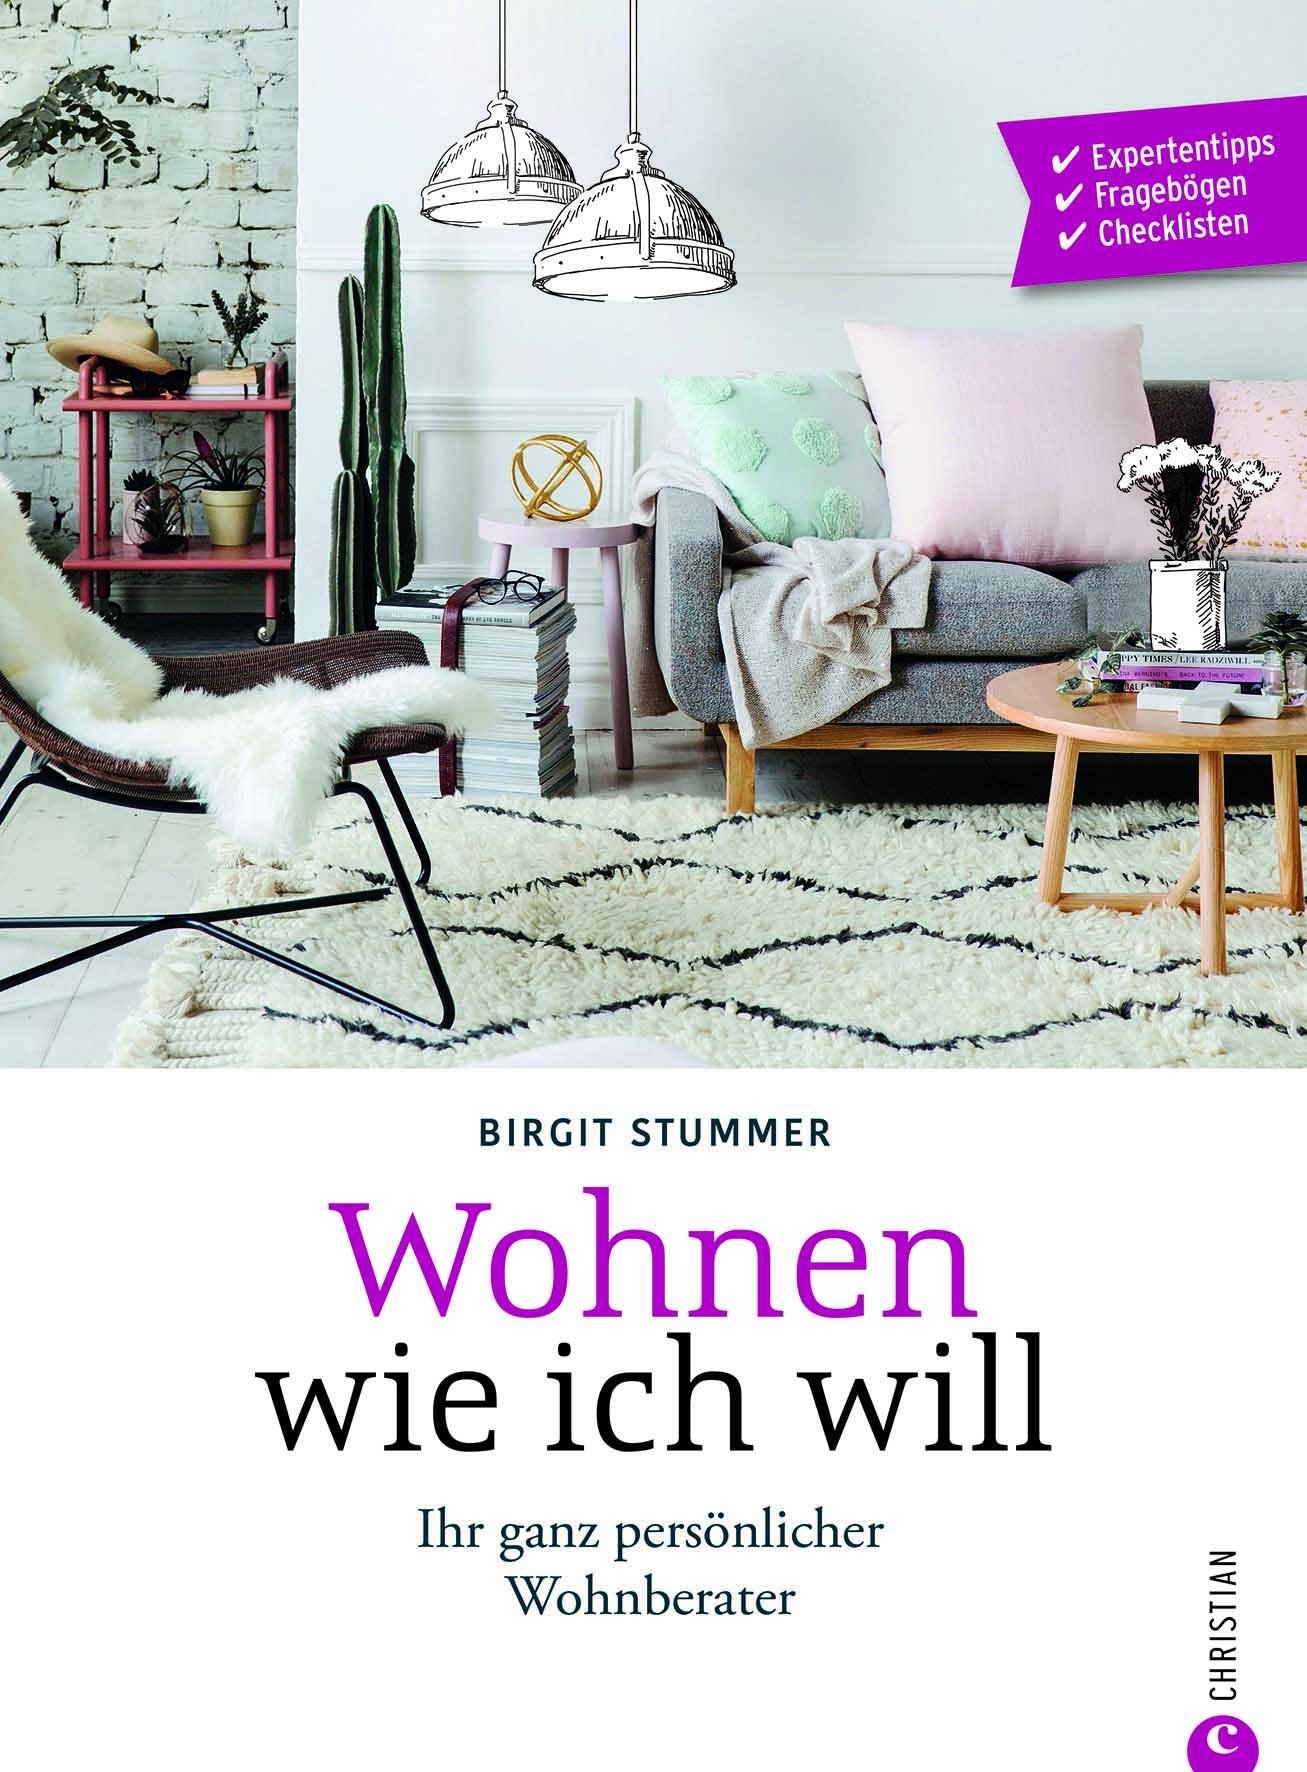 Einrichtungsberatung »Wohnen wie ich will« von Christian Verlag 2018 – die Rezension von wohnbuchbüro.